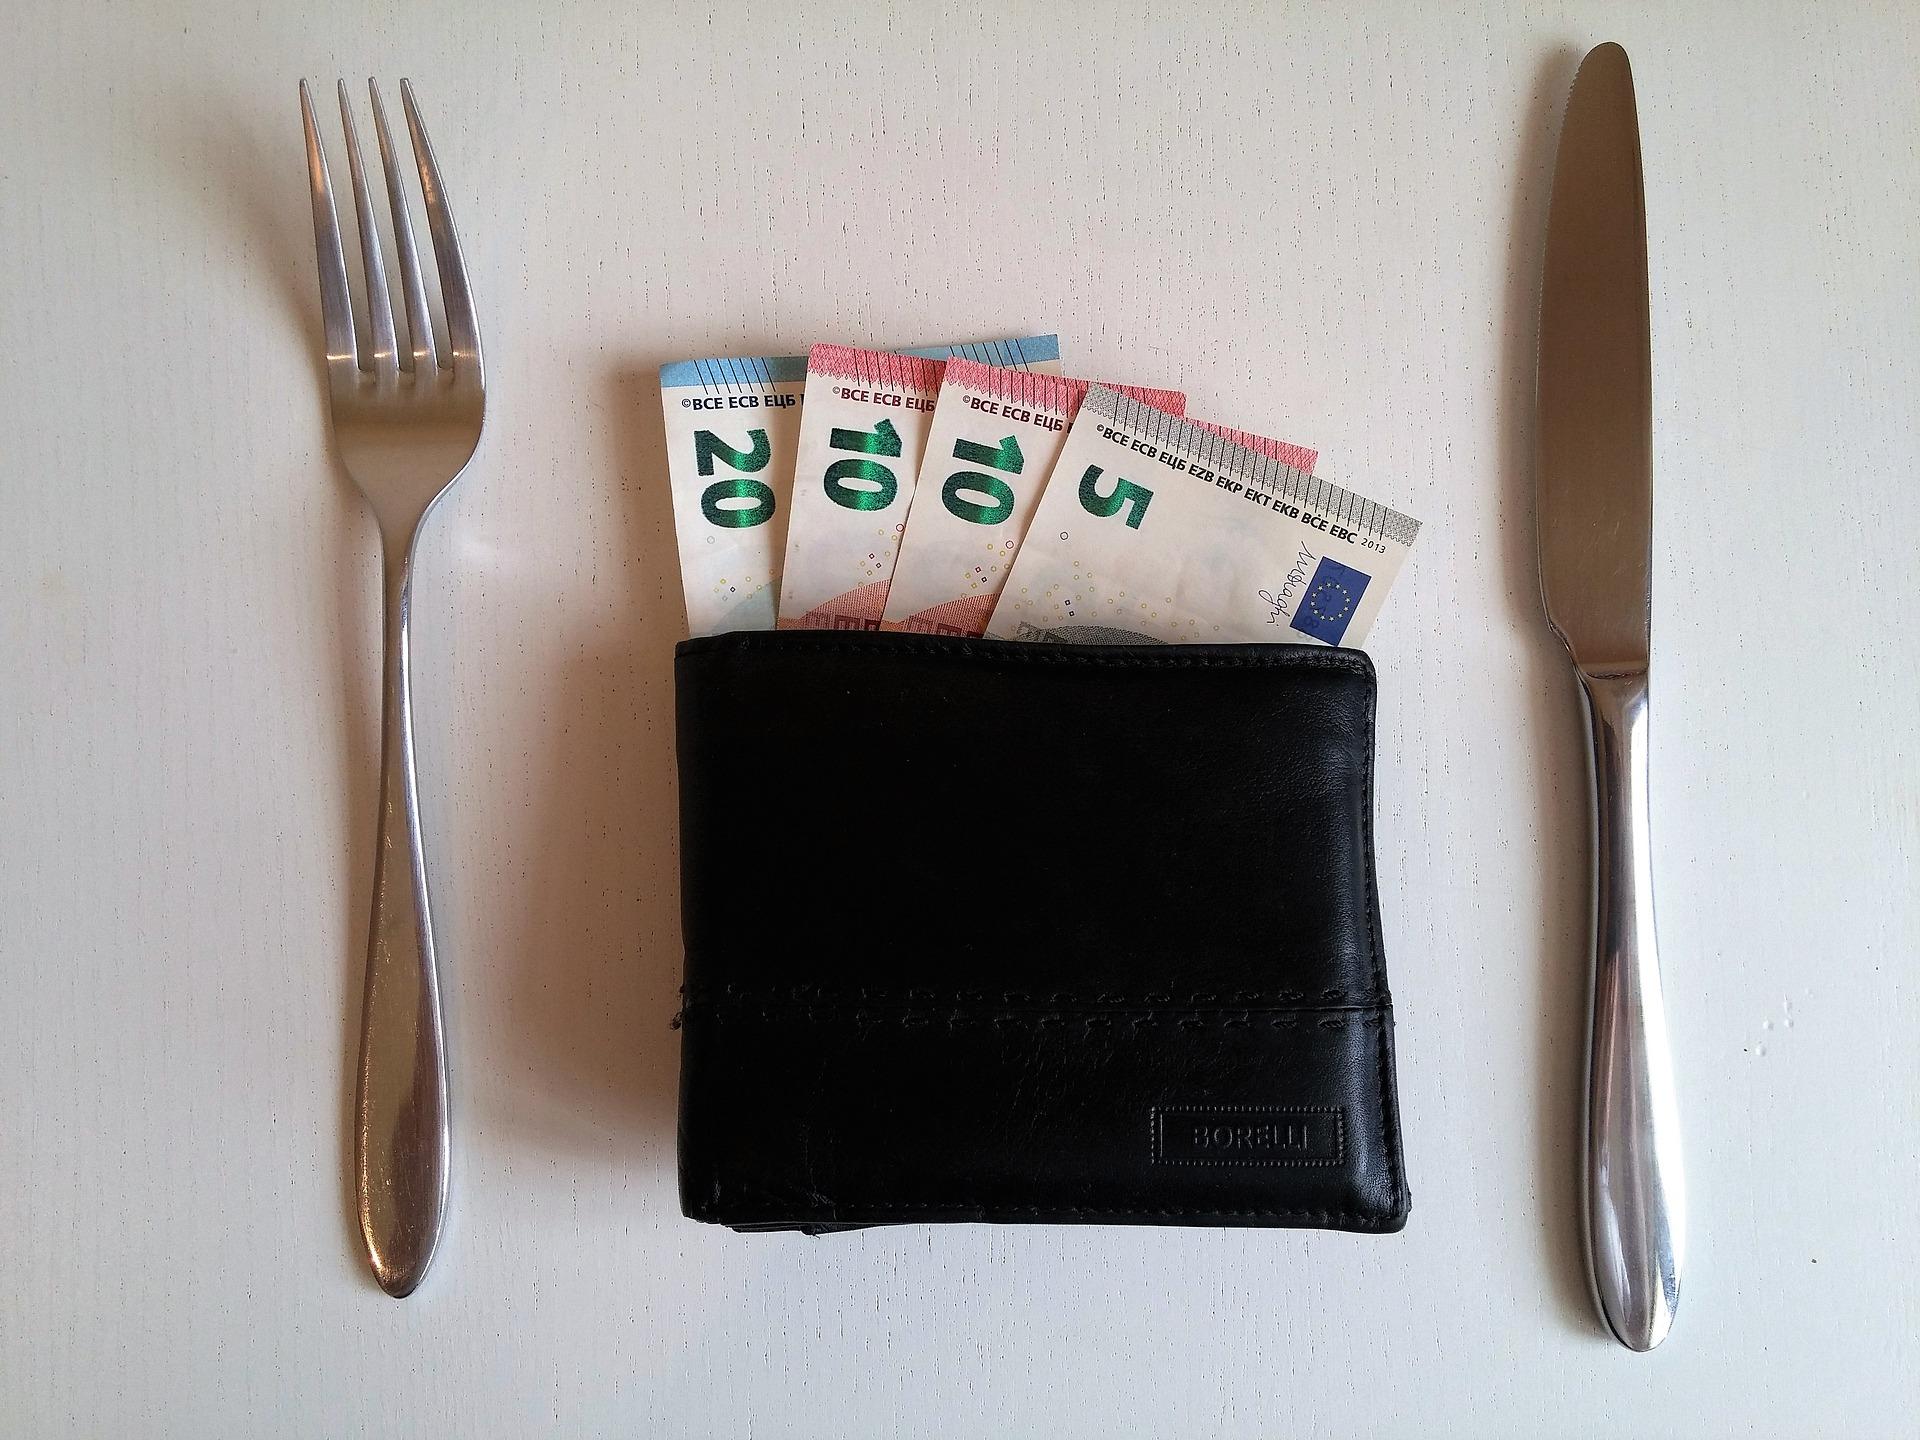 Sprawdź, czy wydajesz więcej, niż przeciętni Brytyjczycy